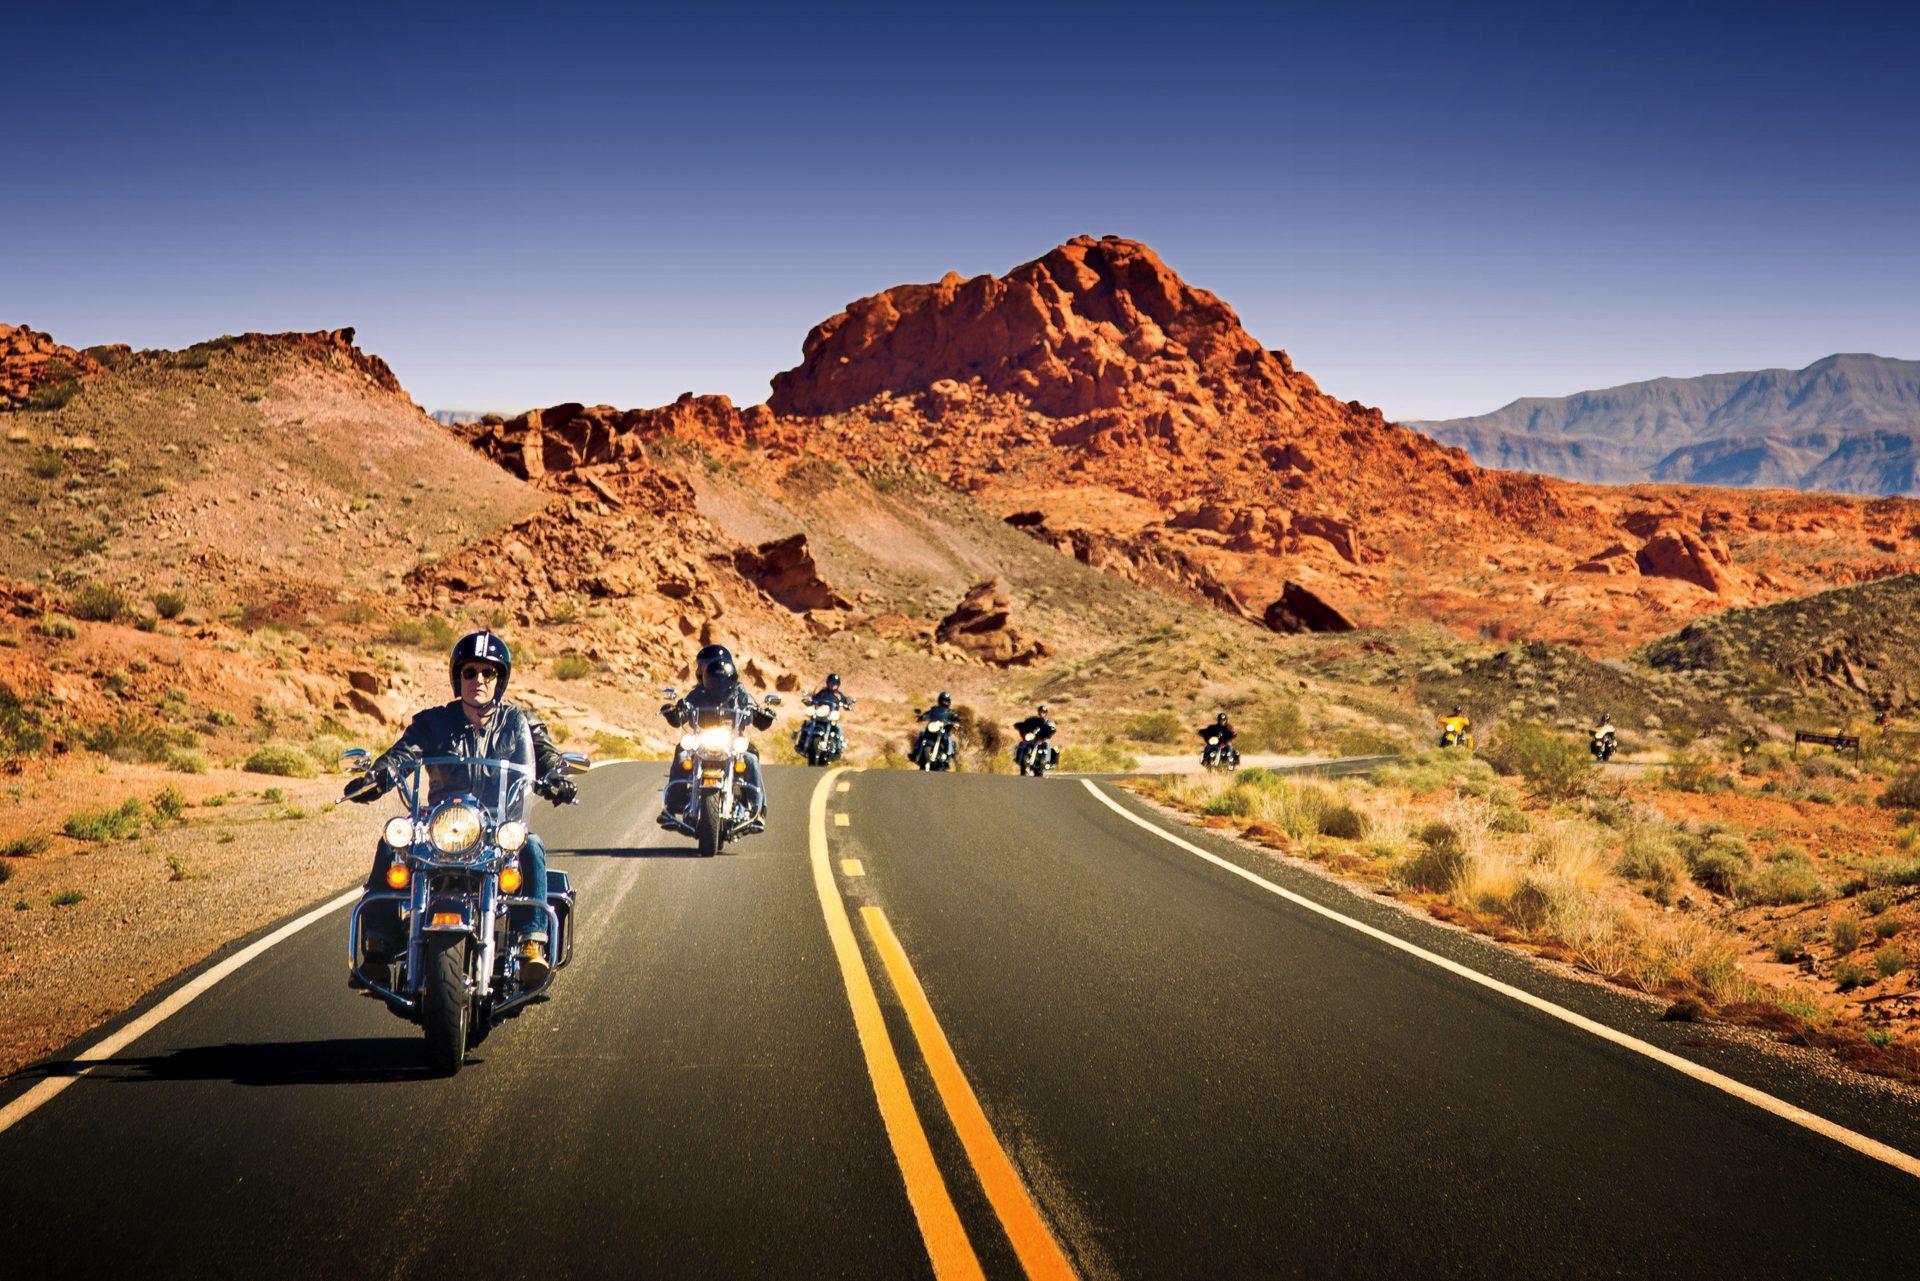 Subir em uma moto e experimentar a liberdade, a segurança e a infraestrutura de uma estrada norte-americana, no trecho Los Angeles a Las Vegas, é a proposta da Flytour Viagens MMT (Foto: Divulgação)